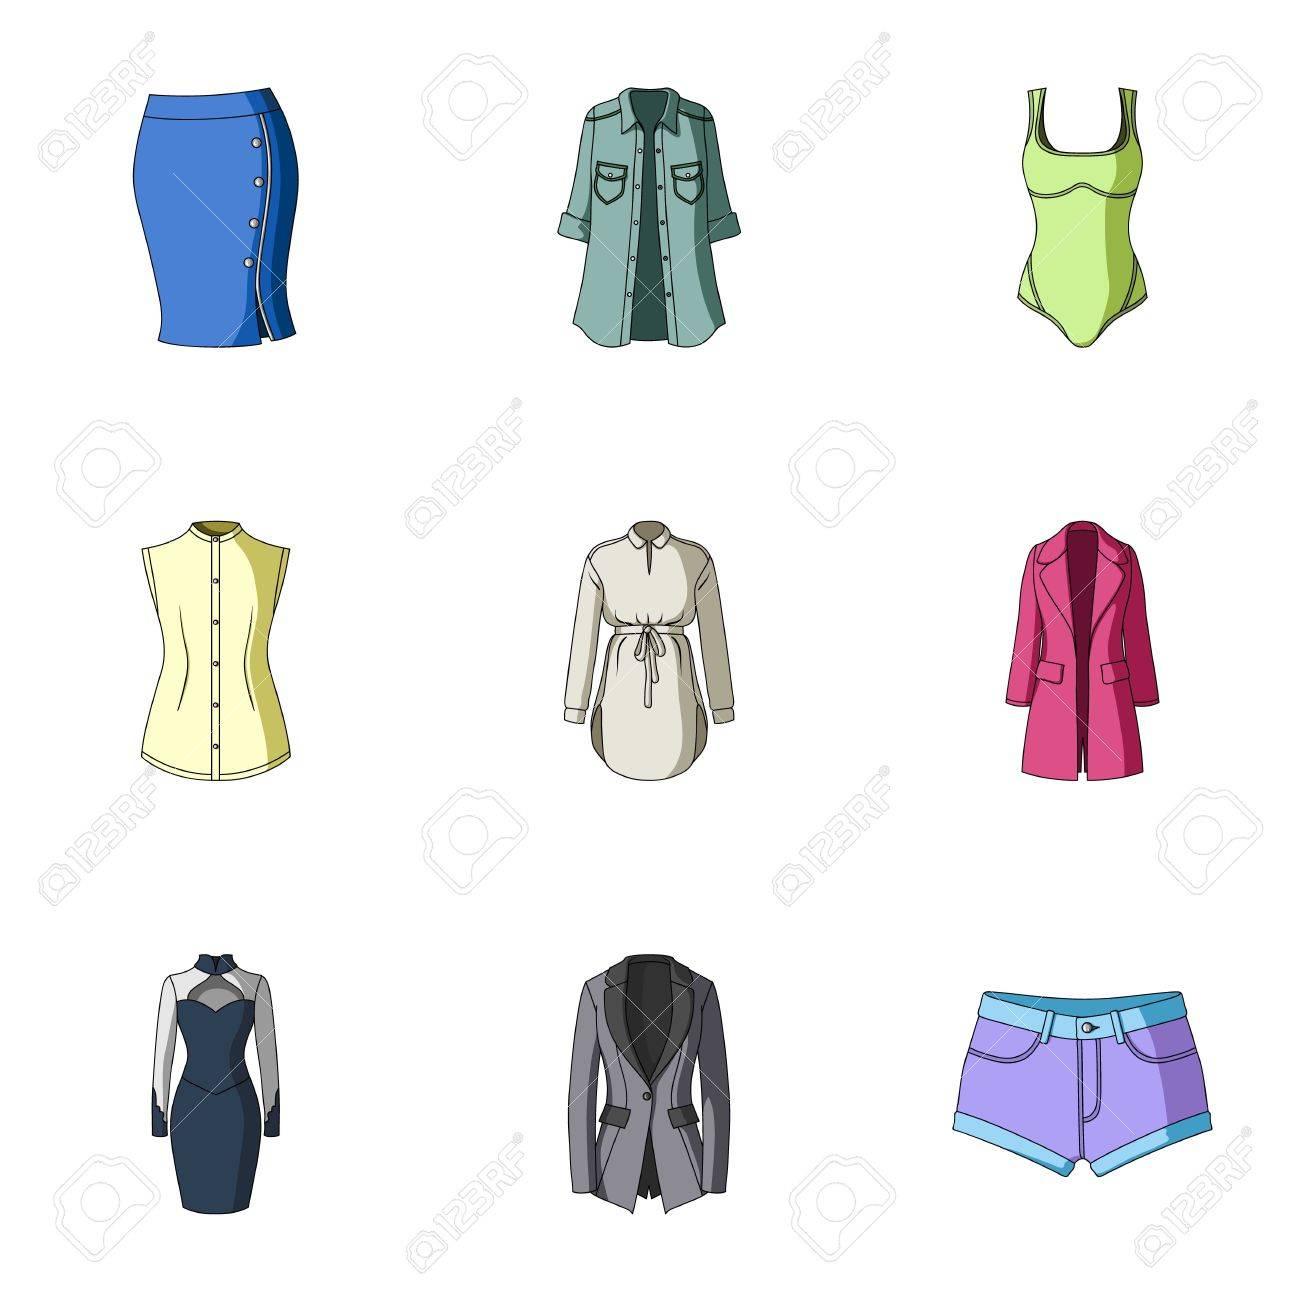 45cfb660b5c91 Colección De Iconos De Ropa De Mujer. Varias Prendas De Vestir Para Mujeres  Para Trabajar